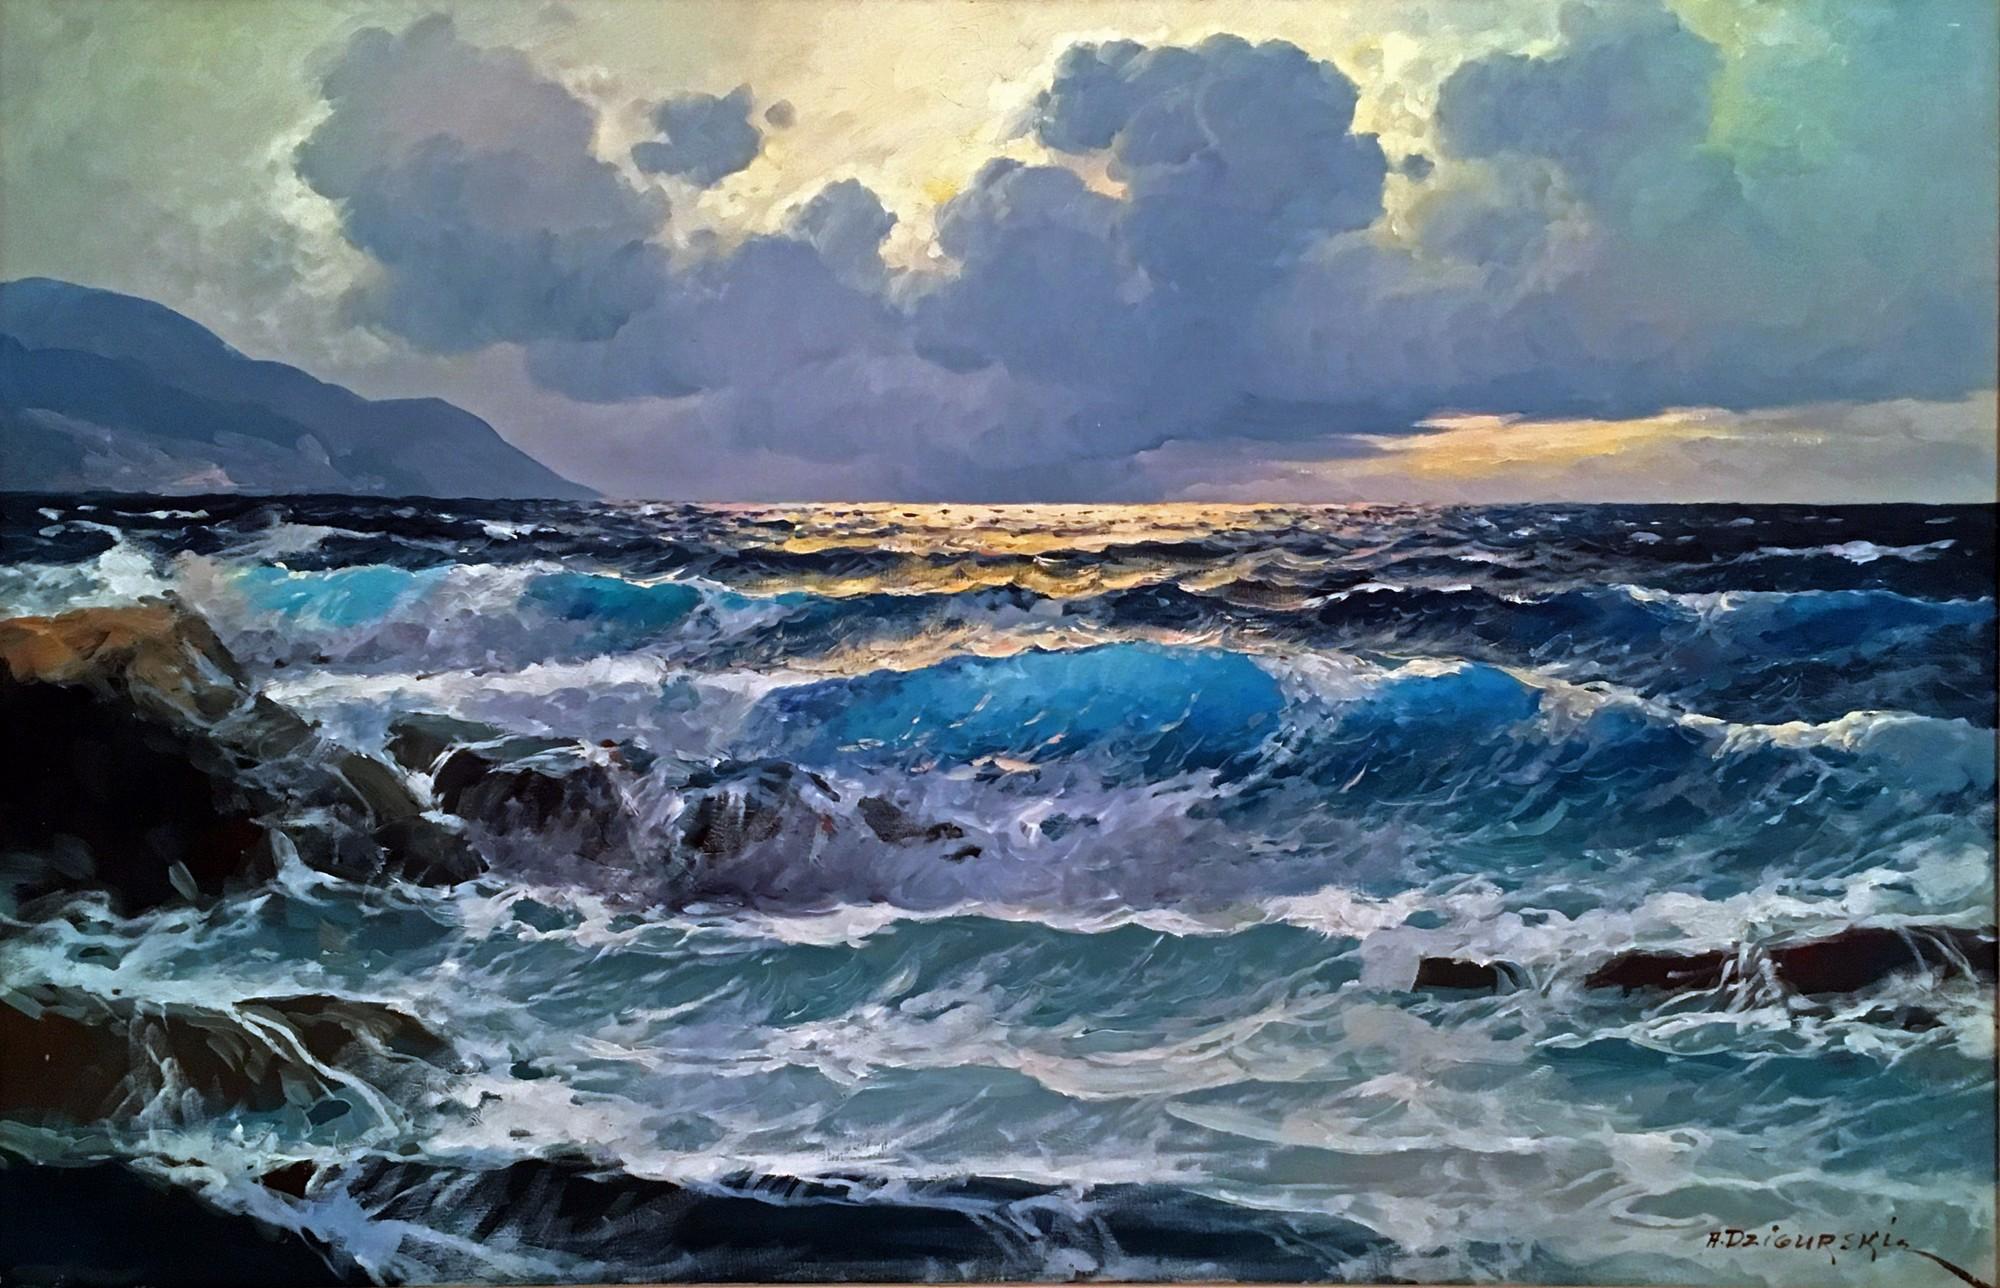 Seascape by DZIGURSKI ll